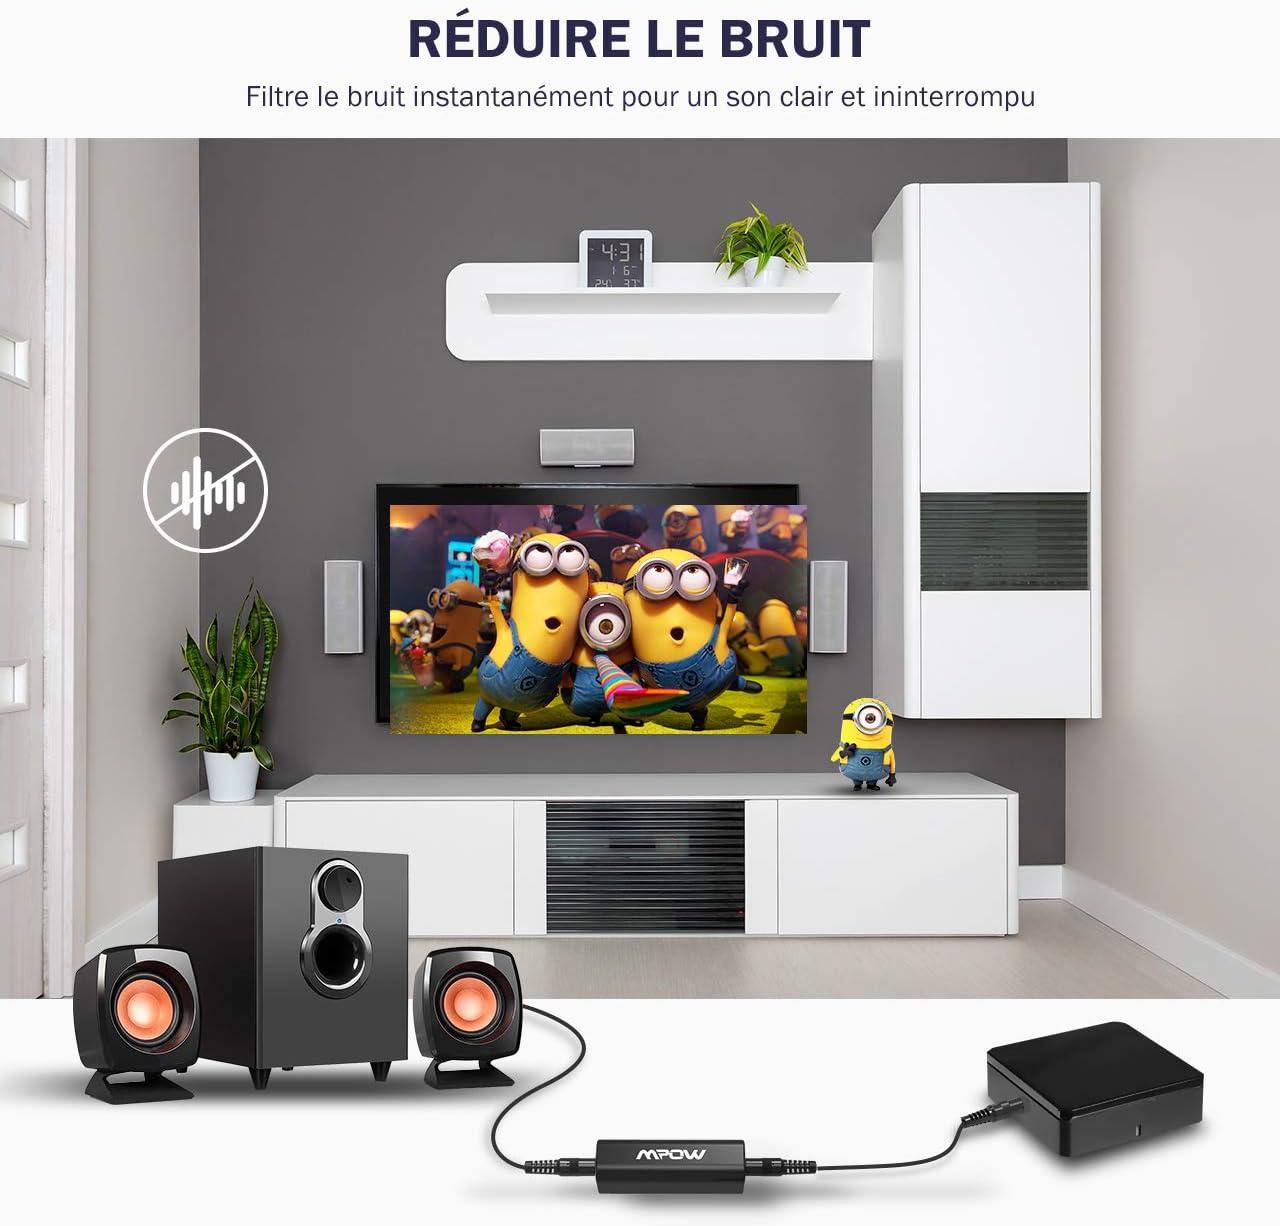 Mpow Filtro Eliminador de Ruidos y Zumbidos Generados por Interferencias Eléctricas en Sistemas de Audio de Coche, Amplificadores, Home Cinema. Dispone de una Entrada Mini-jack de 3,5 mm y Cable de Audio: